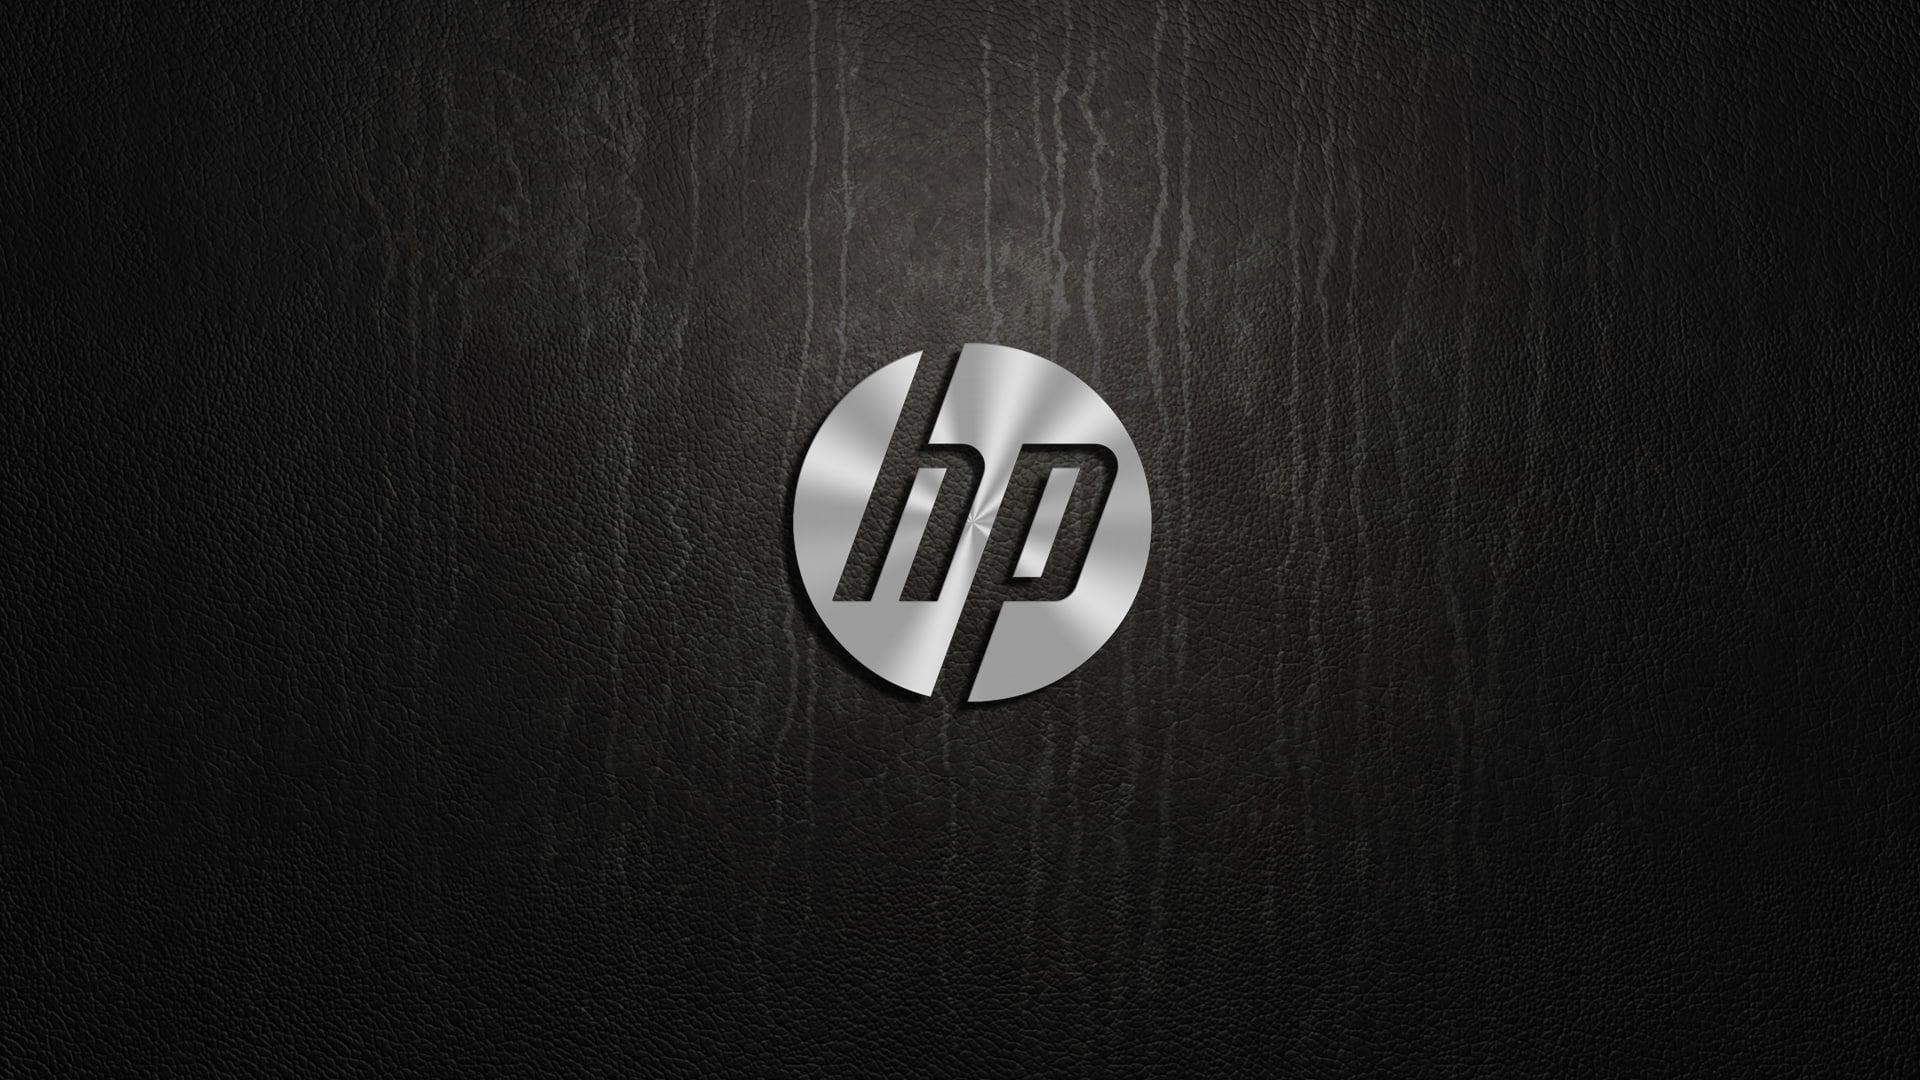 Brand Hewlett Packard 1080p Wallpaper Hdwallpaper Desktop Logos Best Laptop Brands Hd Wallpaper